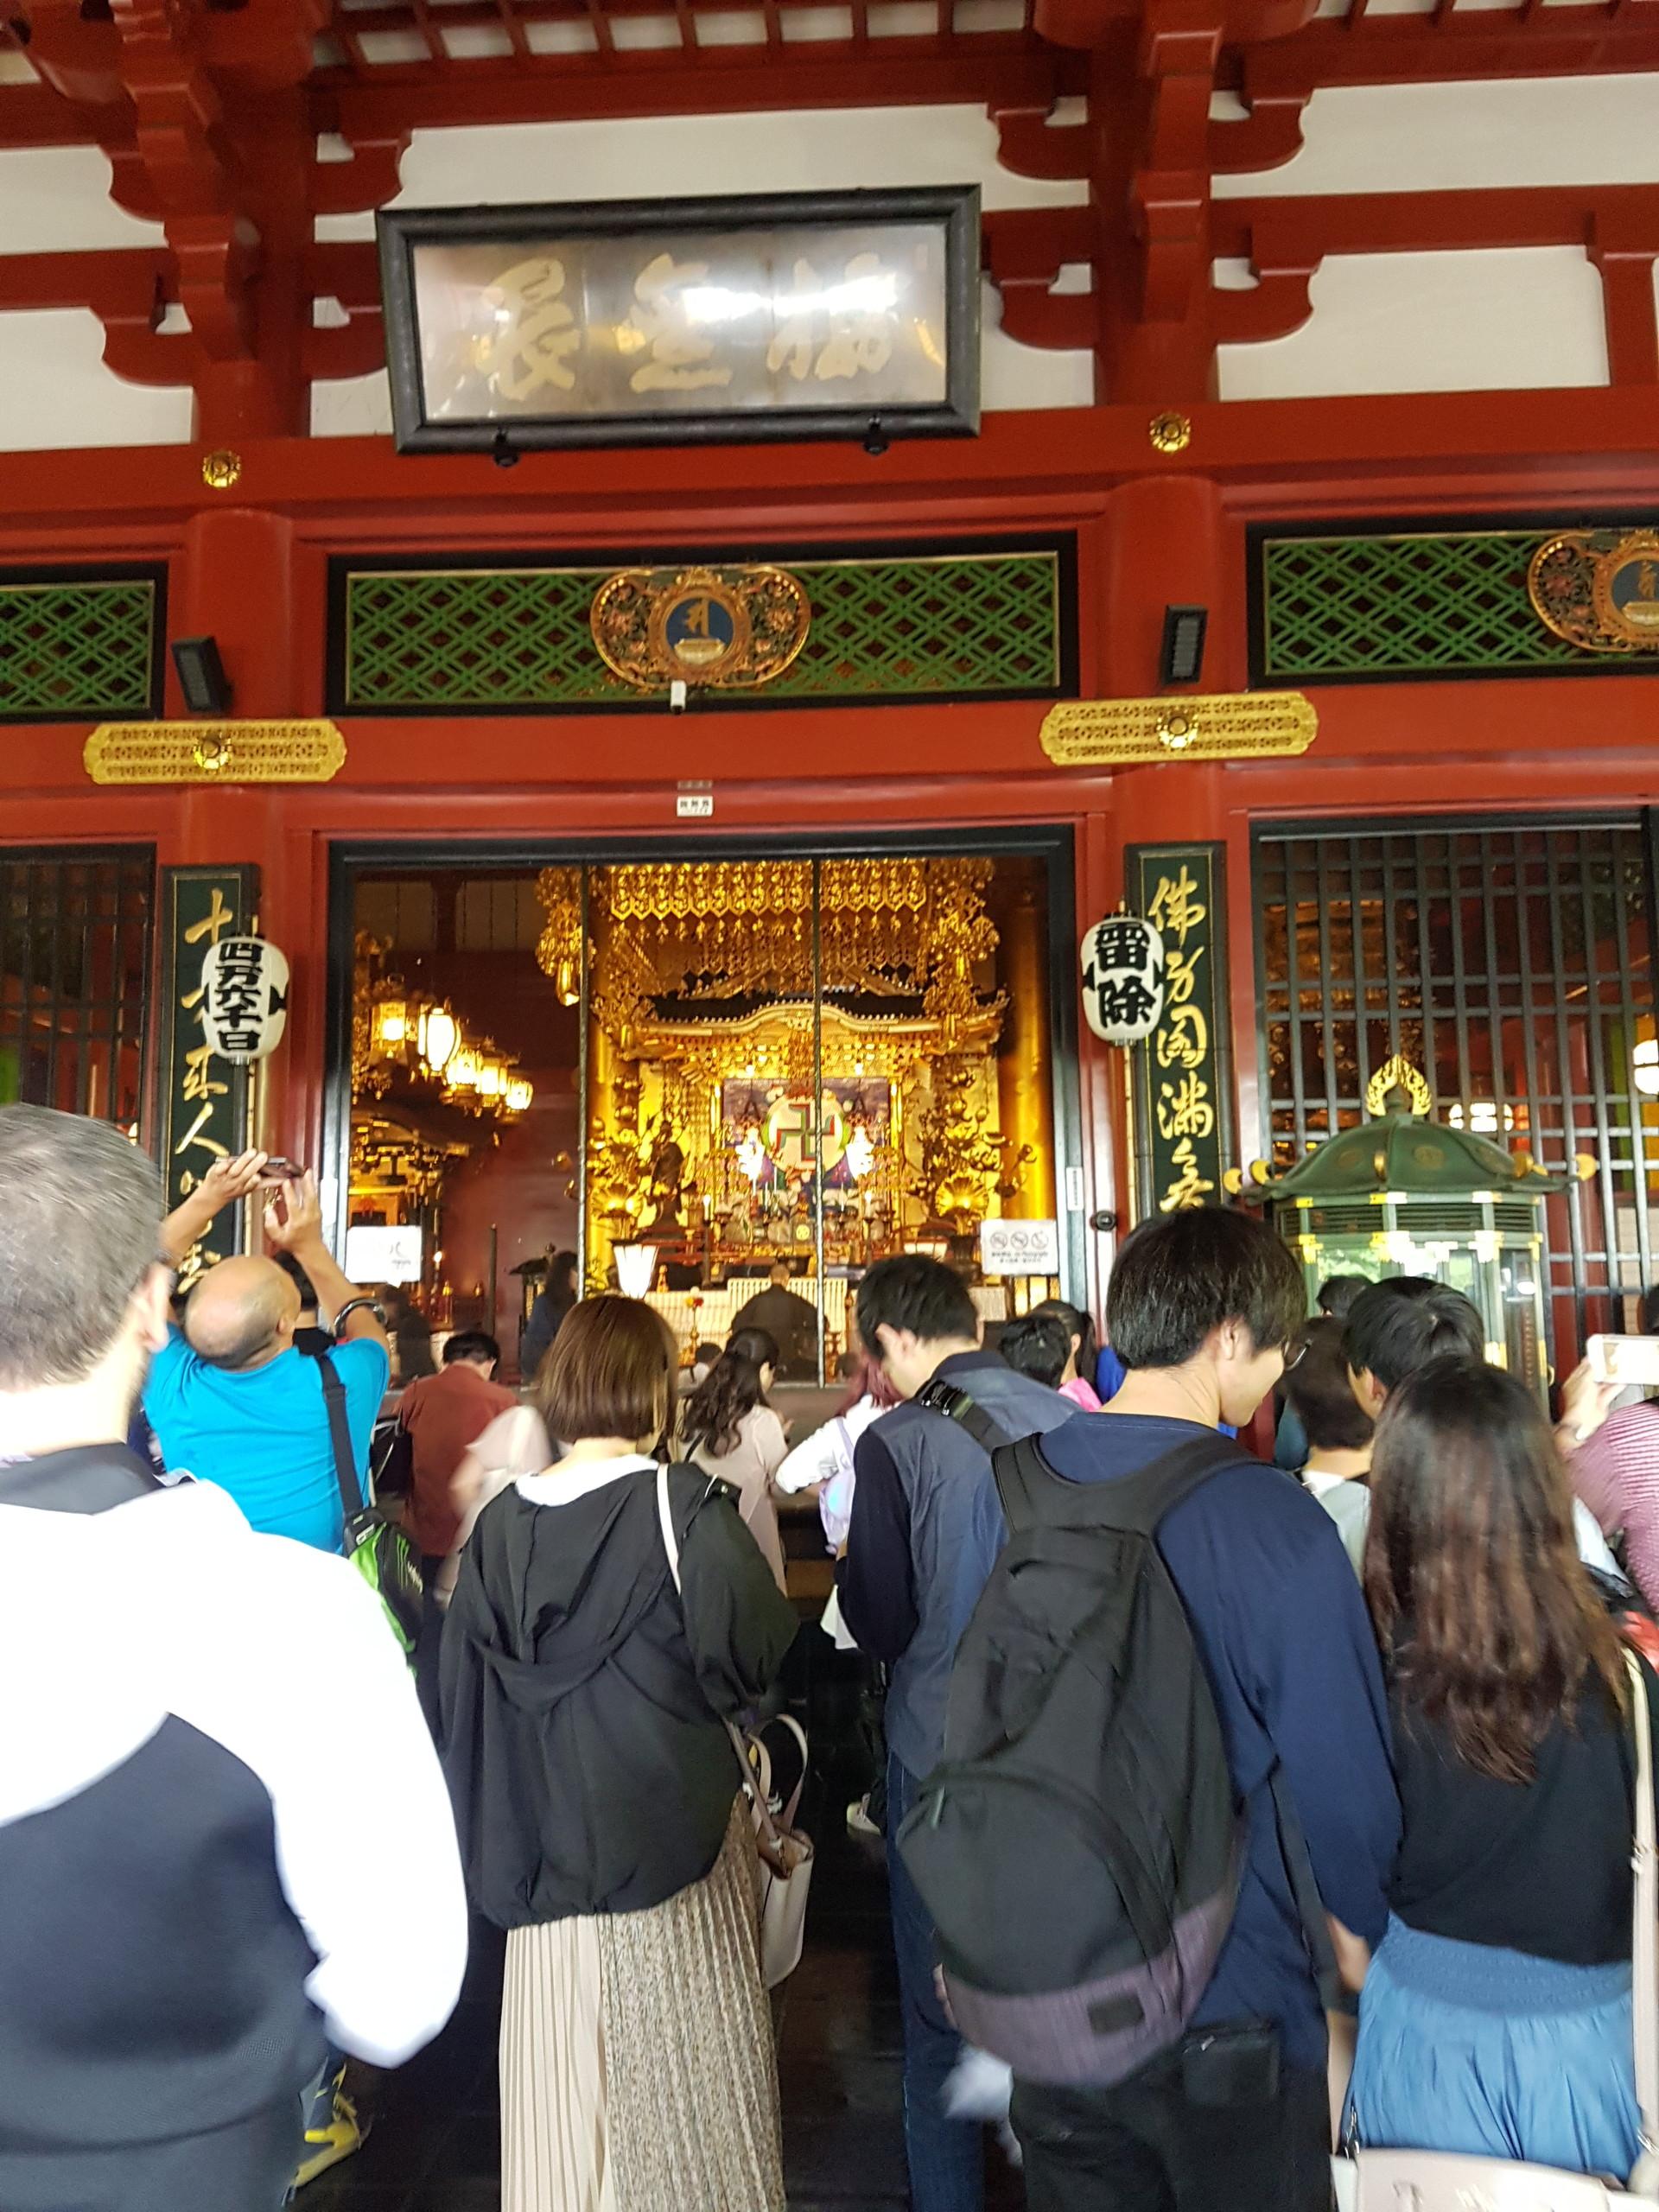 sensoji-temple-detours-9d069df4509ca9b8d